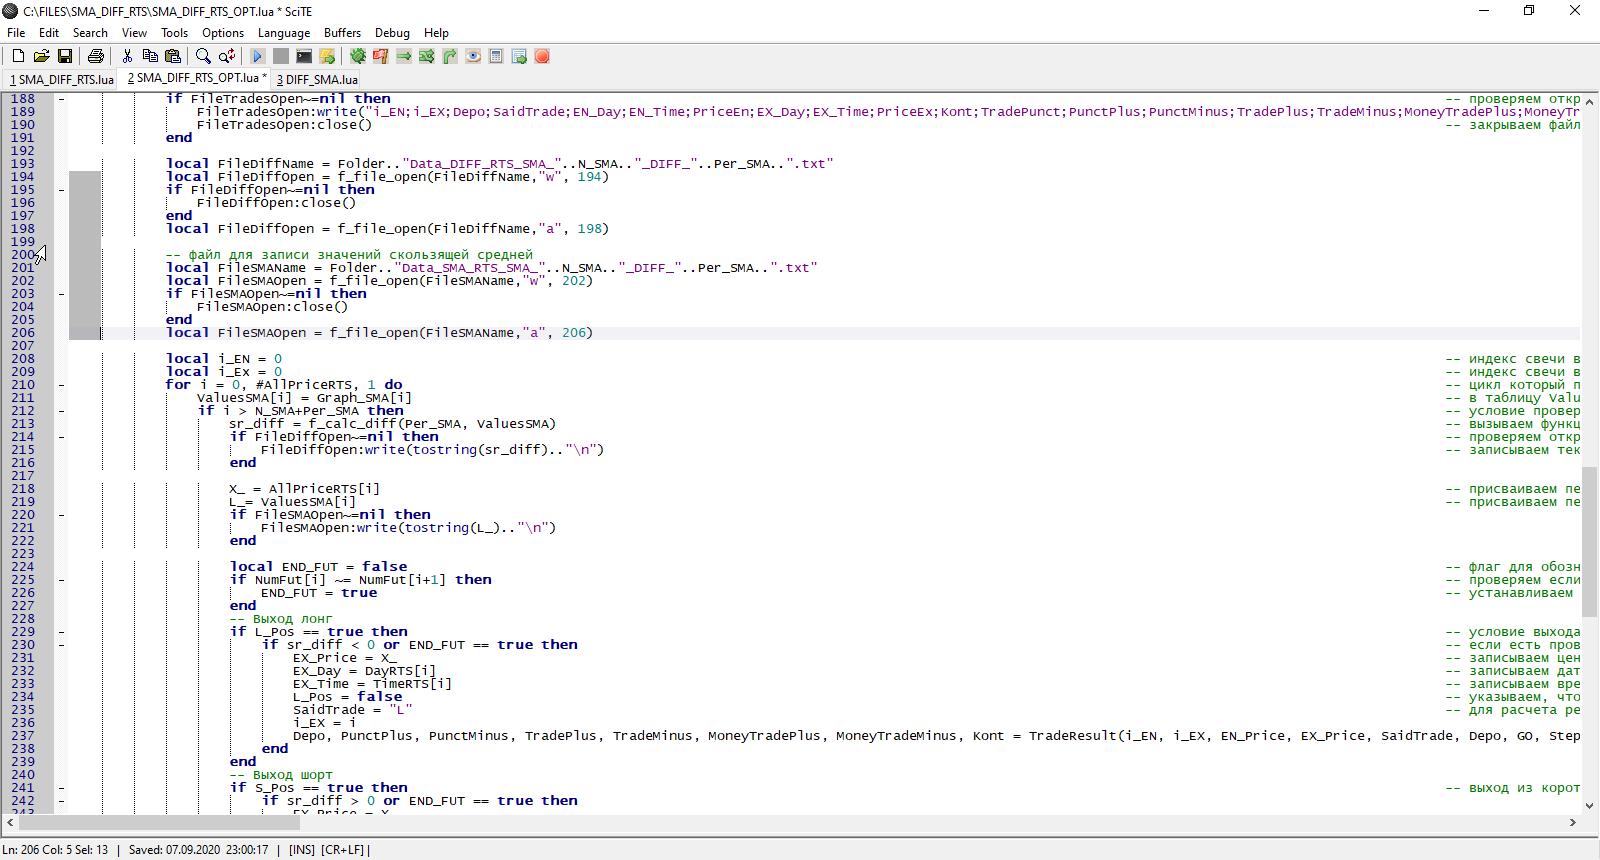 QUIK LUA создание файлов для записи параметров торгового робота на фьючерс РТС